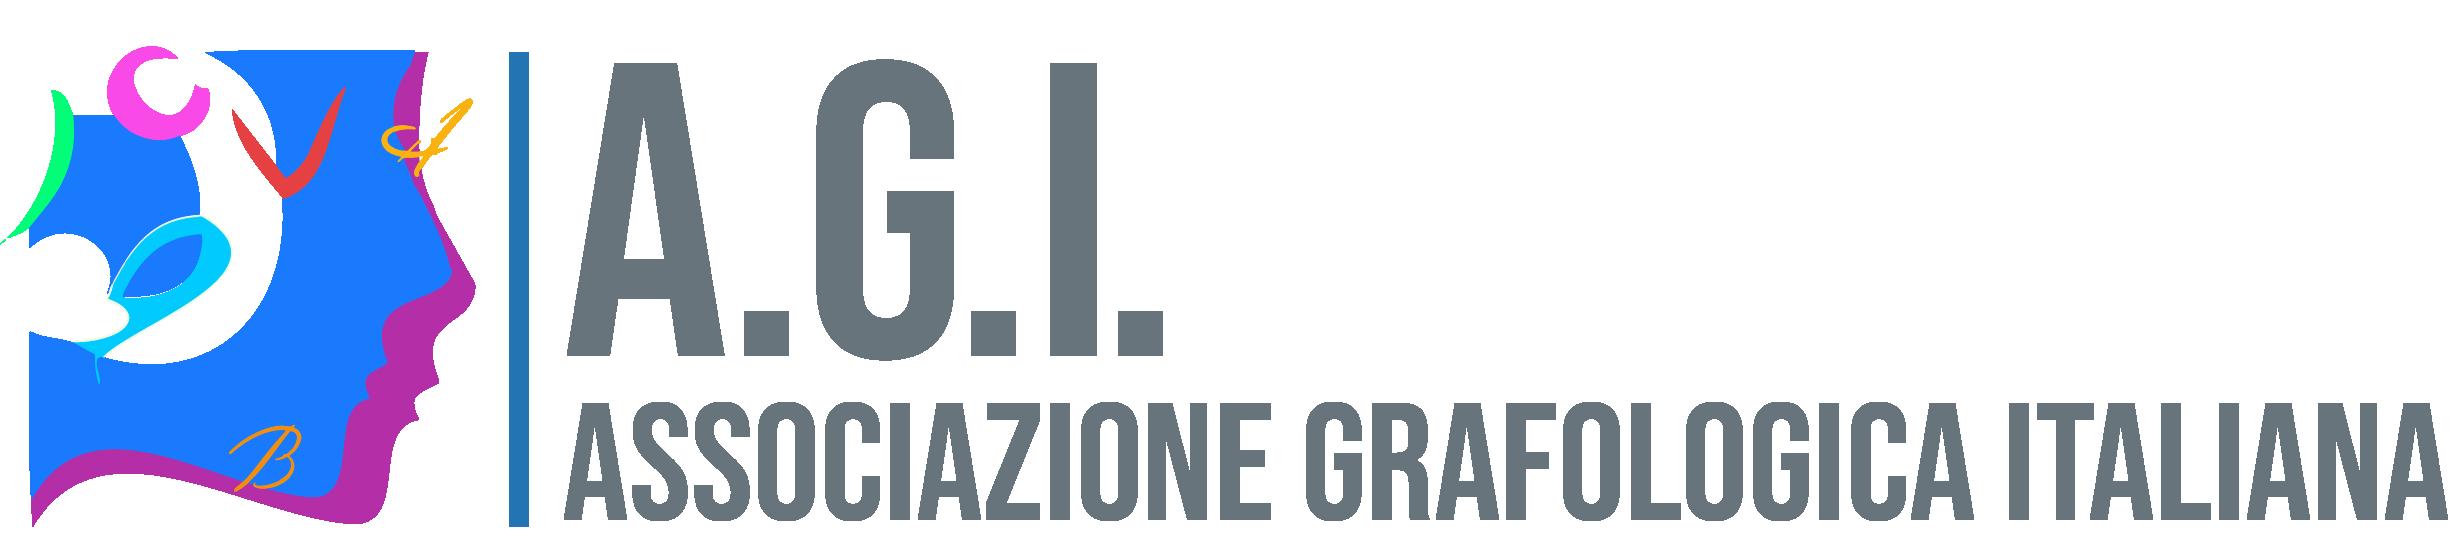 Associazione Grafologica Italiana